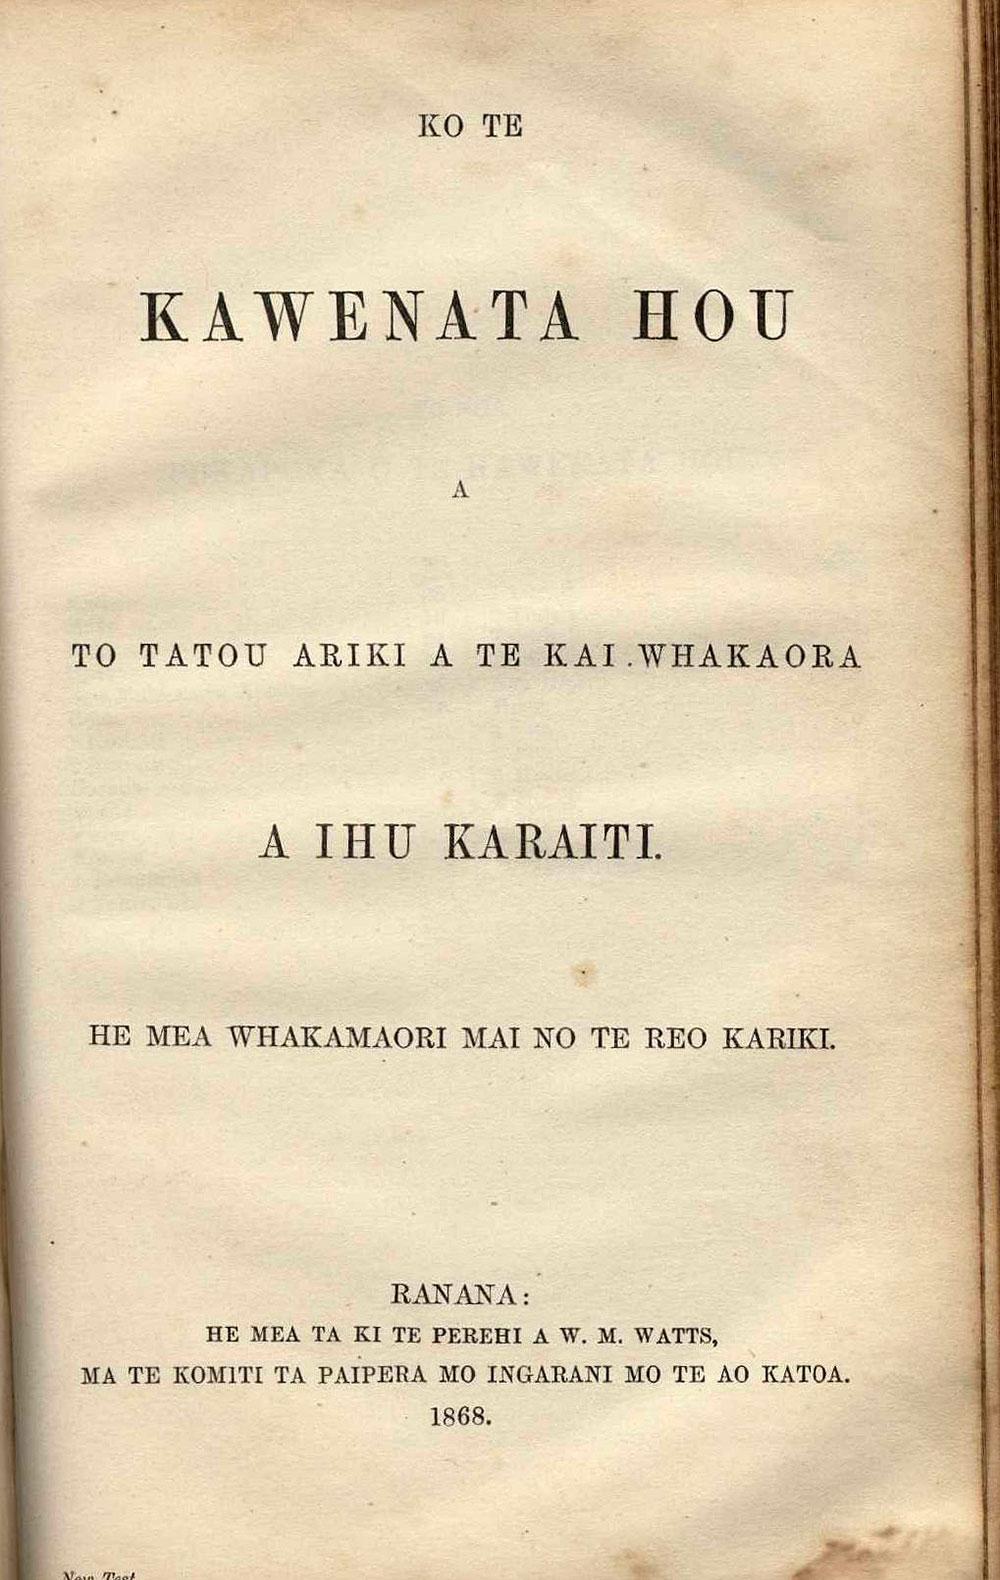 [Bible in Māori]. <em>Ko te Paipera Tapu, ara, Ko te Kawenata Tawhito me te Kawenata Hou.</em> Ranana [London]: He mea ta ki te Perehi a W. M. Watts, ma te Komiti ta Paipera mo Ingarangi mo te Ao Katoa, 1868.